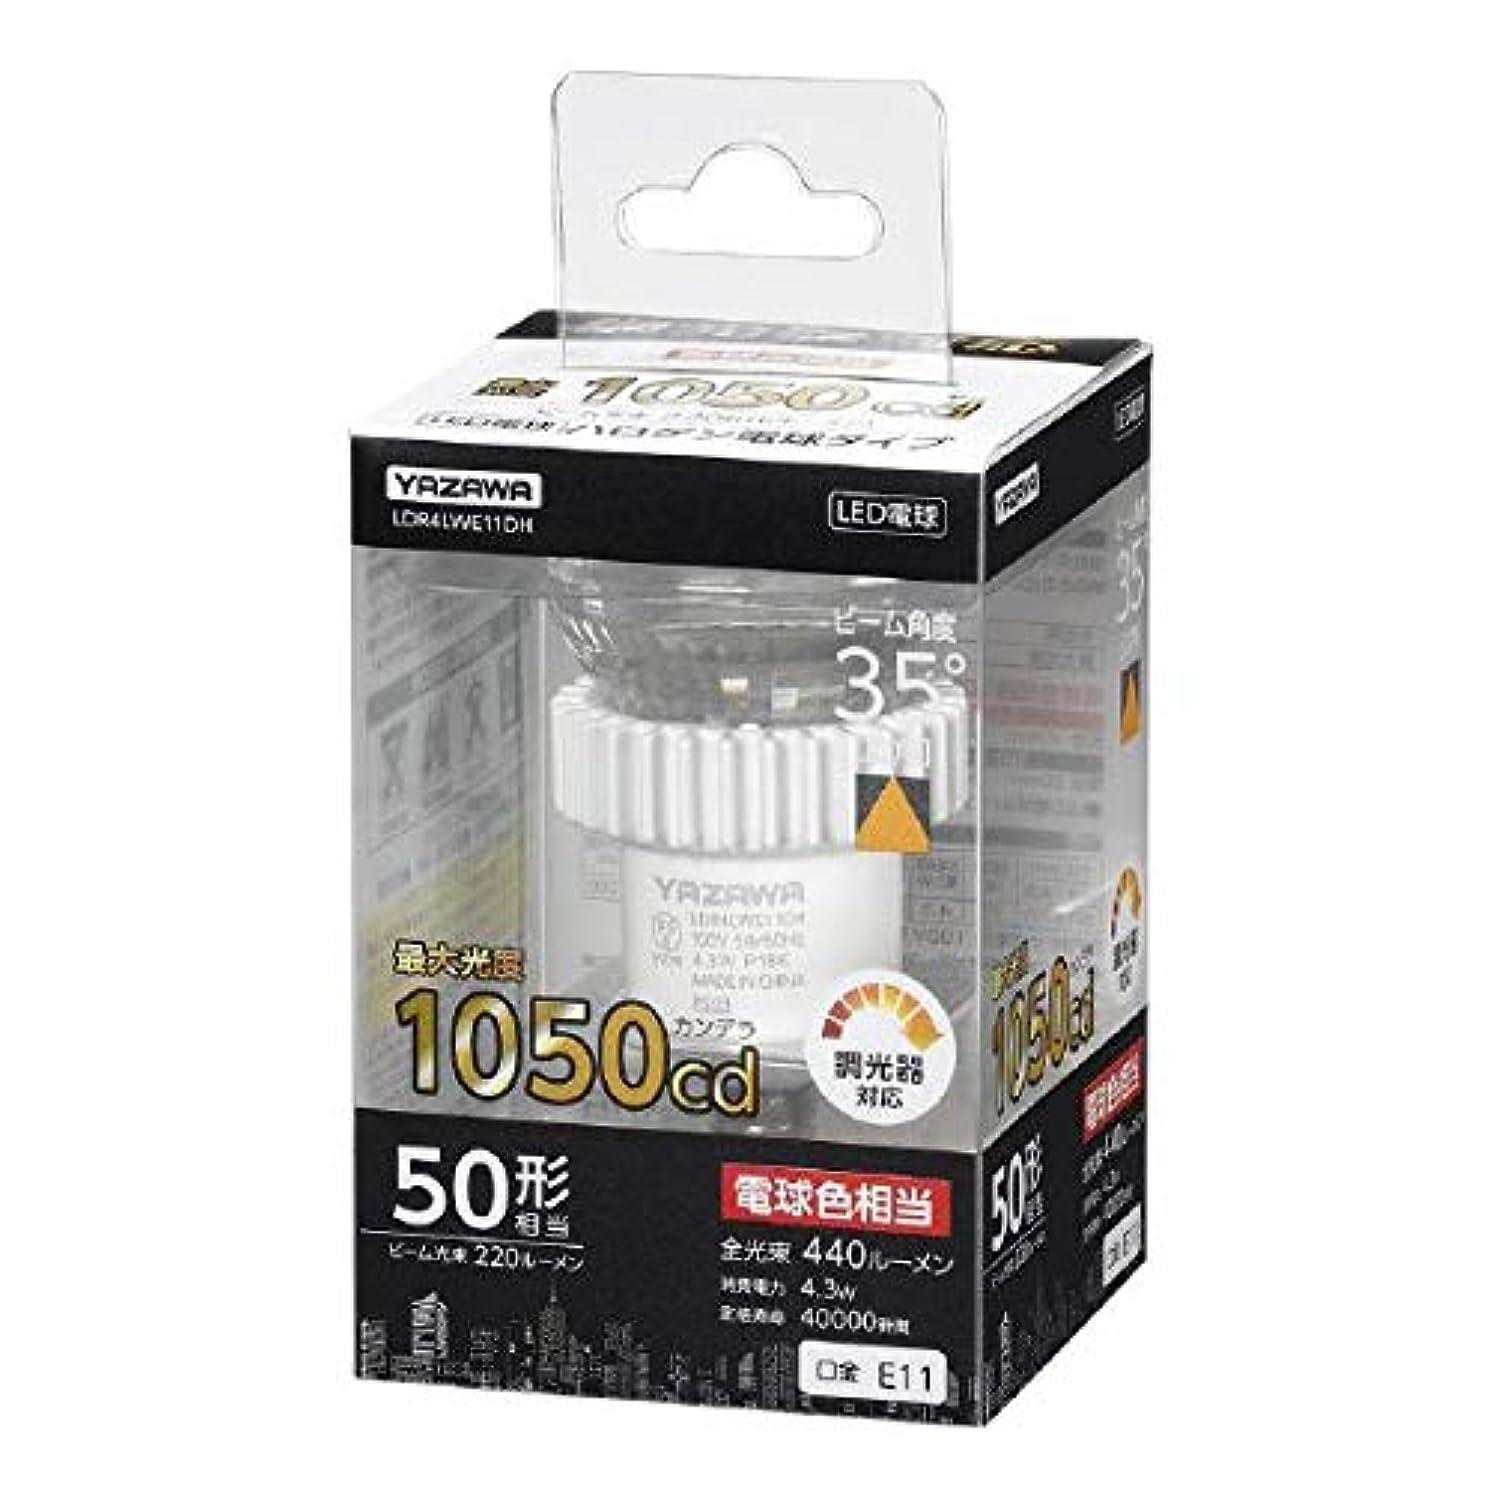 未亡人びっくりした口述するヤザワ LED電球 ハロゲン50W形相当 光漏れタイプ ビーム角35° 電球色 調光器対応 口金E11 LDR4LWE11DH